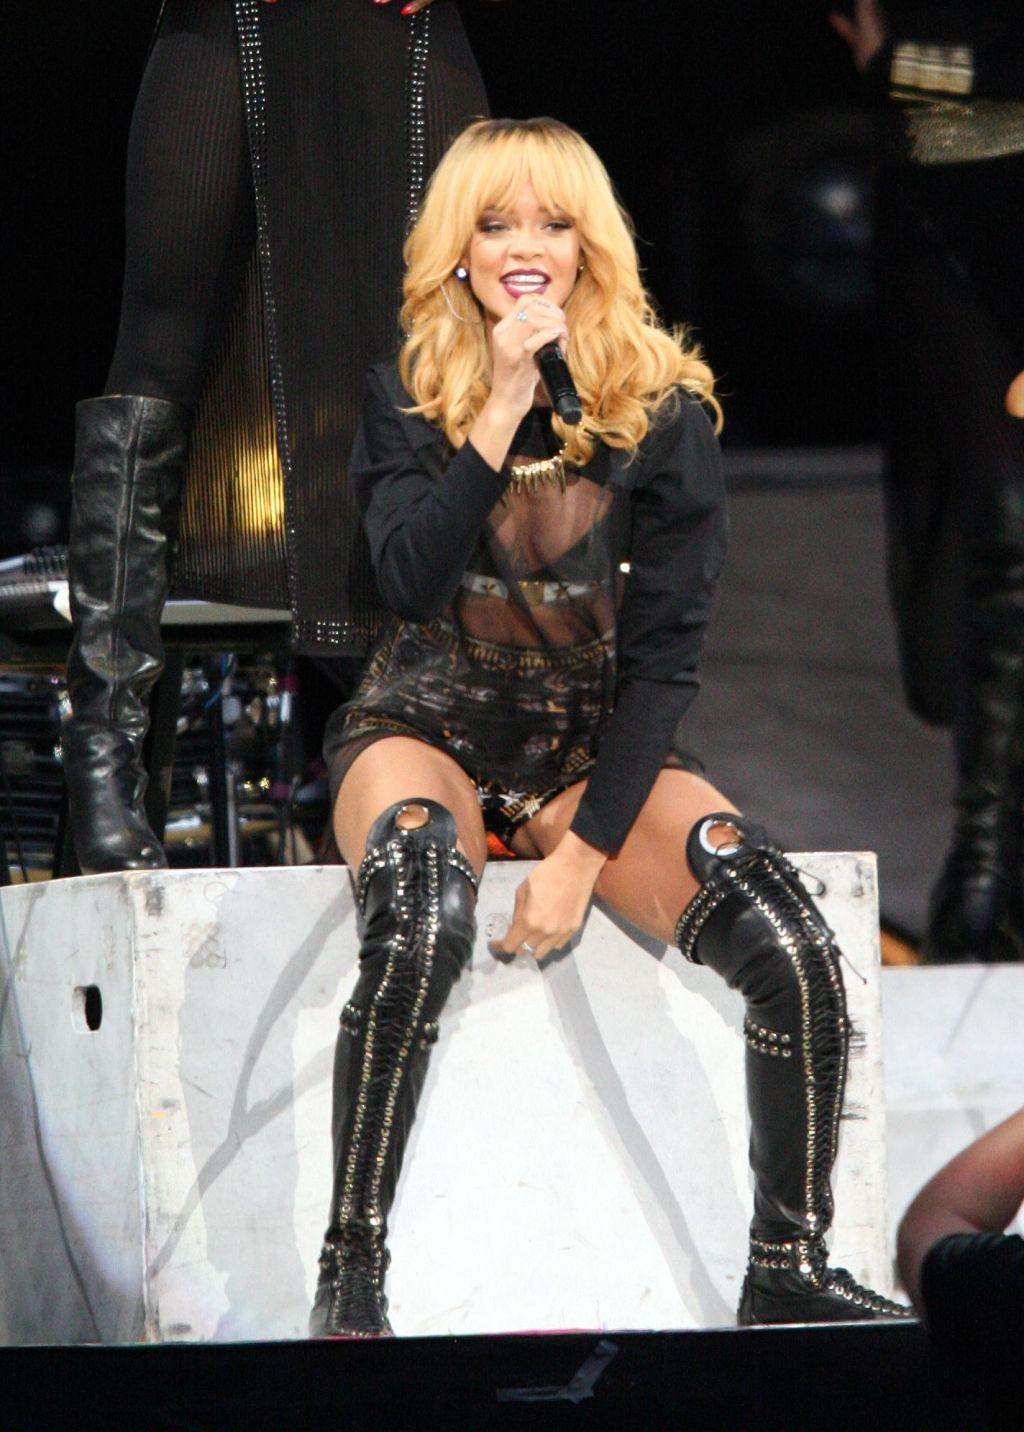 Rihanna Performs At Twickenham Stadium - 'Diamonds' Tour